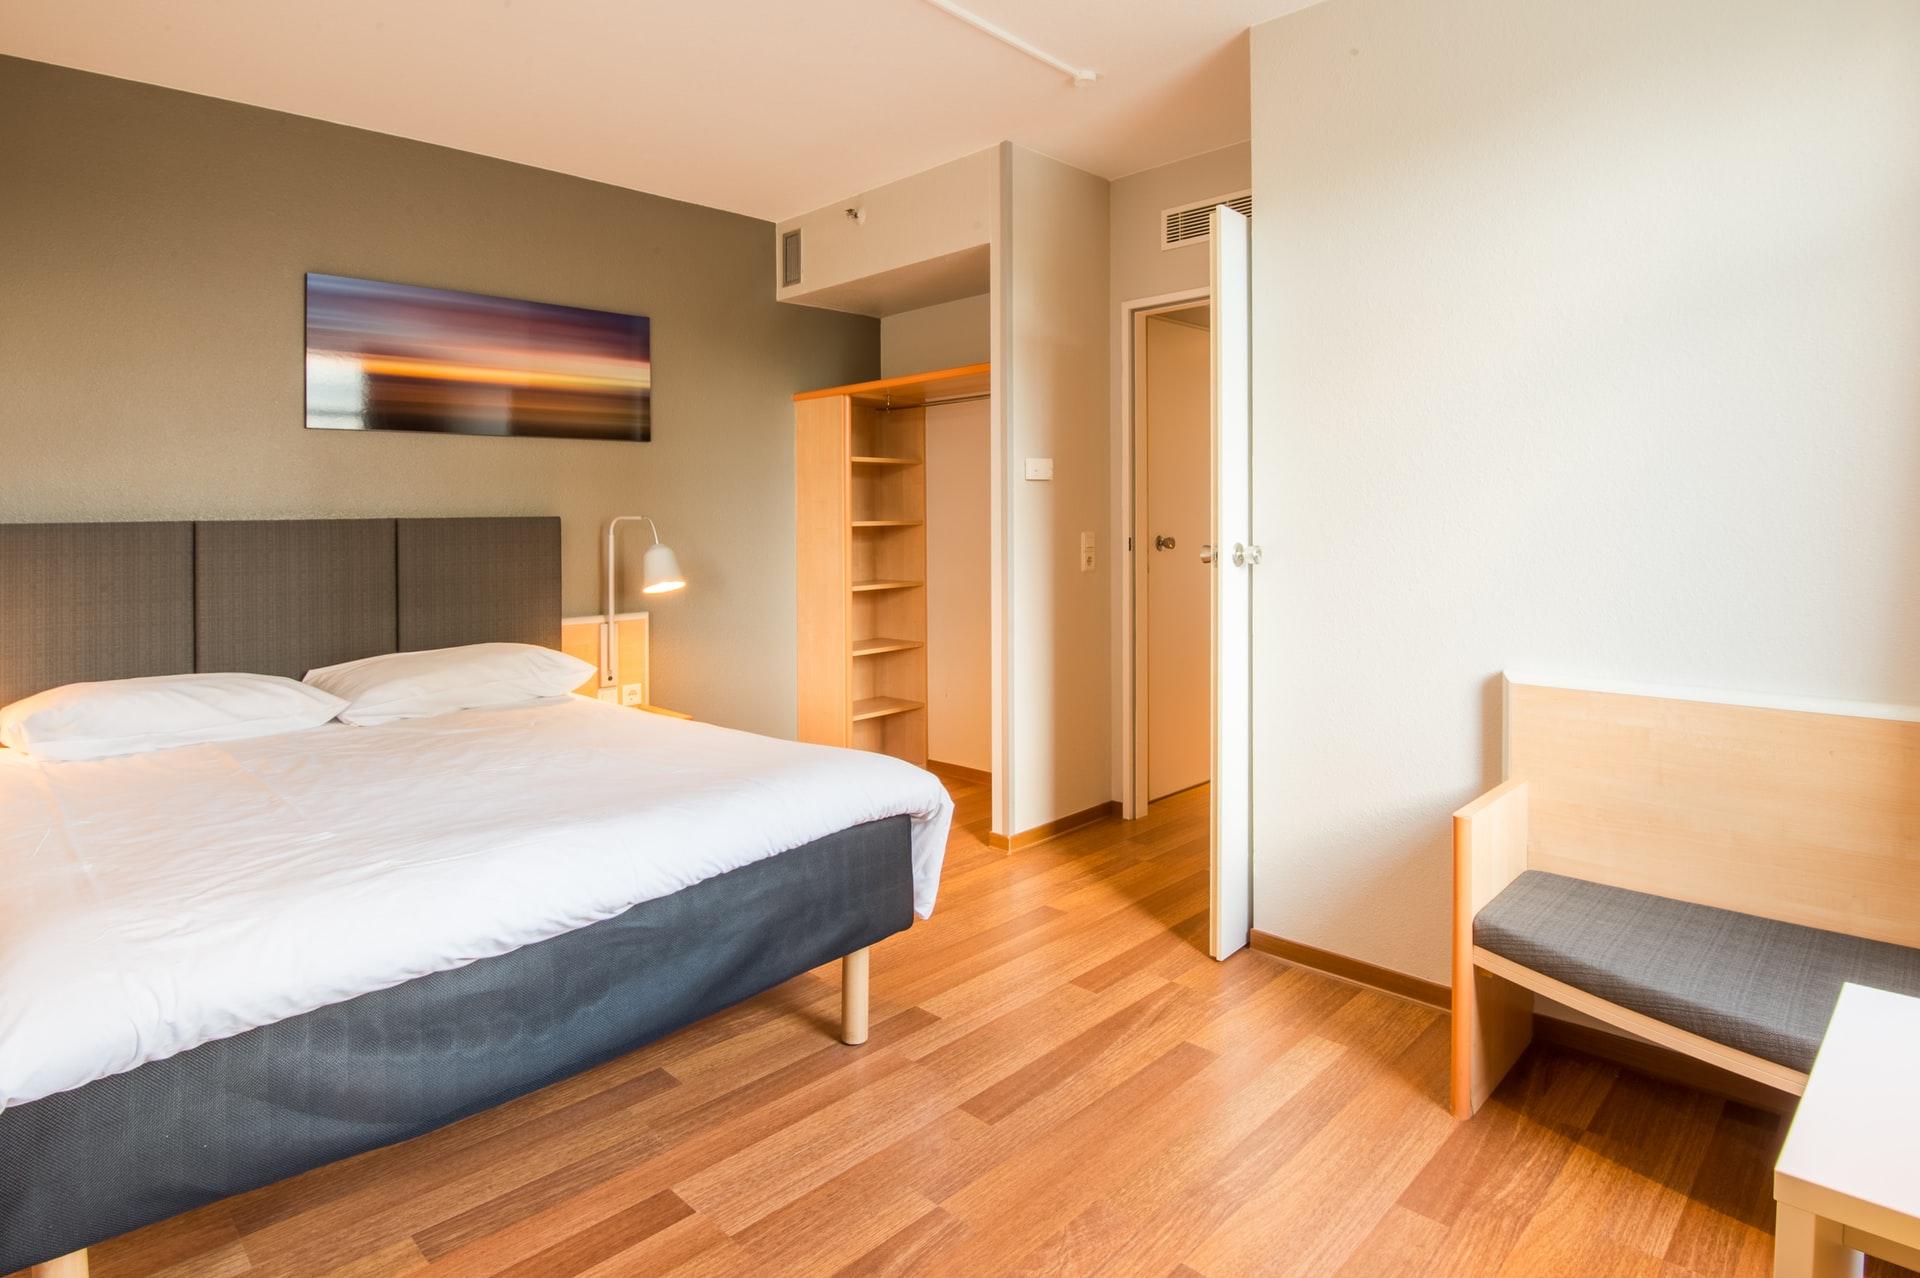 Dlaczego warto wdrożyć system kontroli dostępu w hotelu?